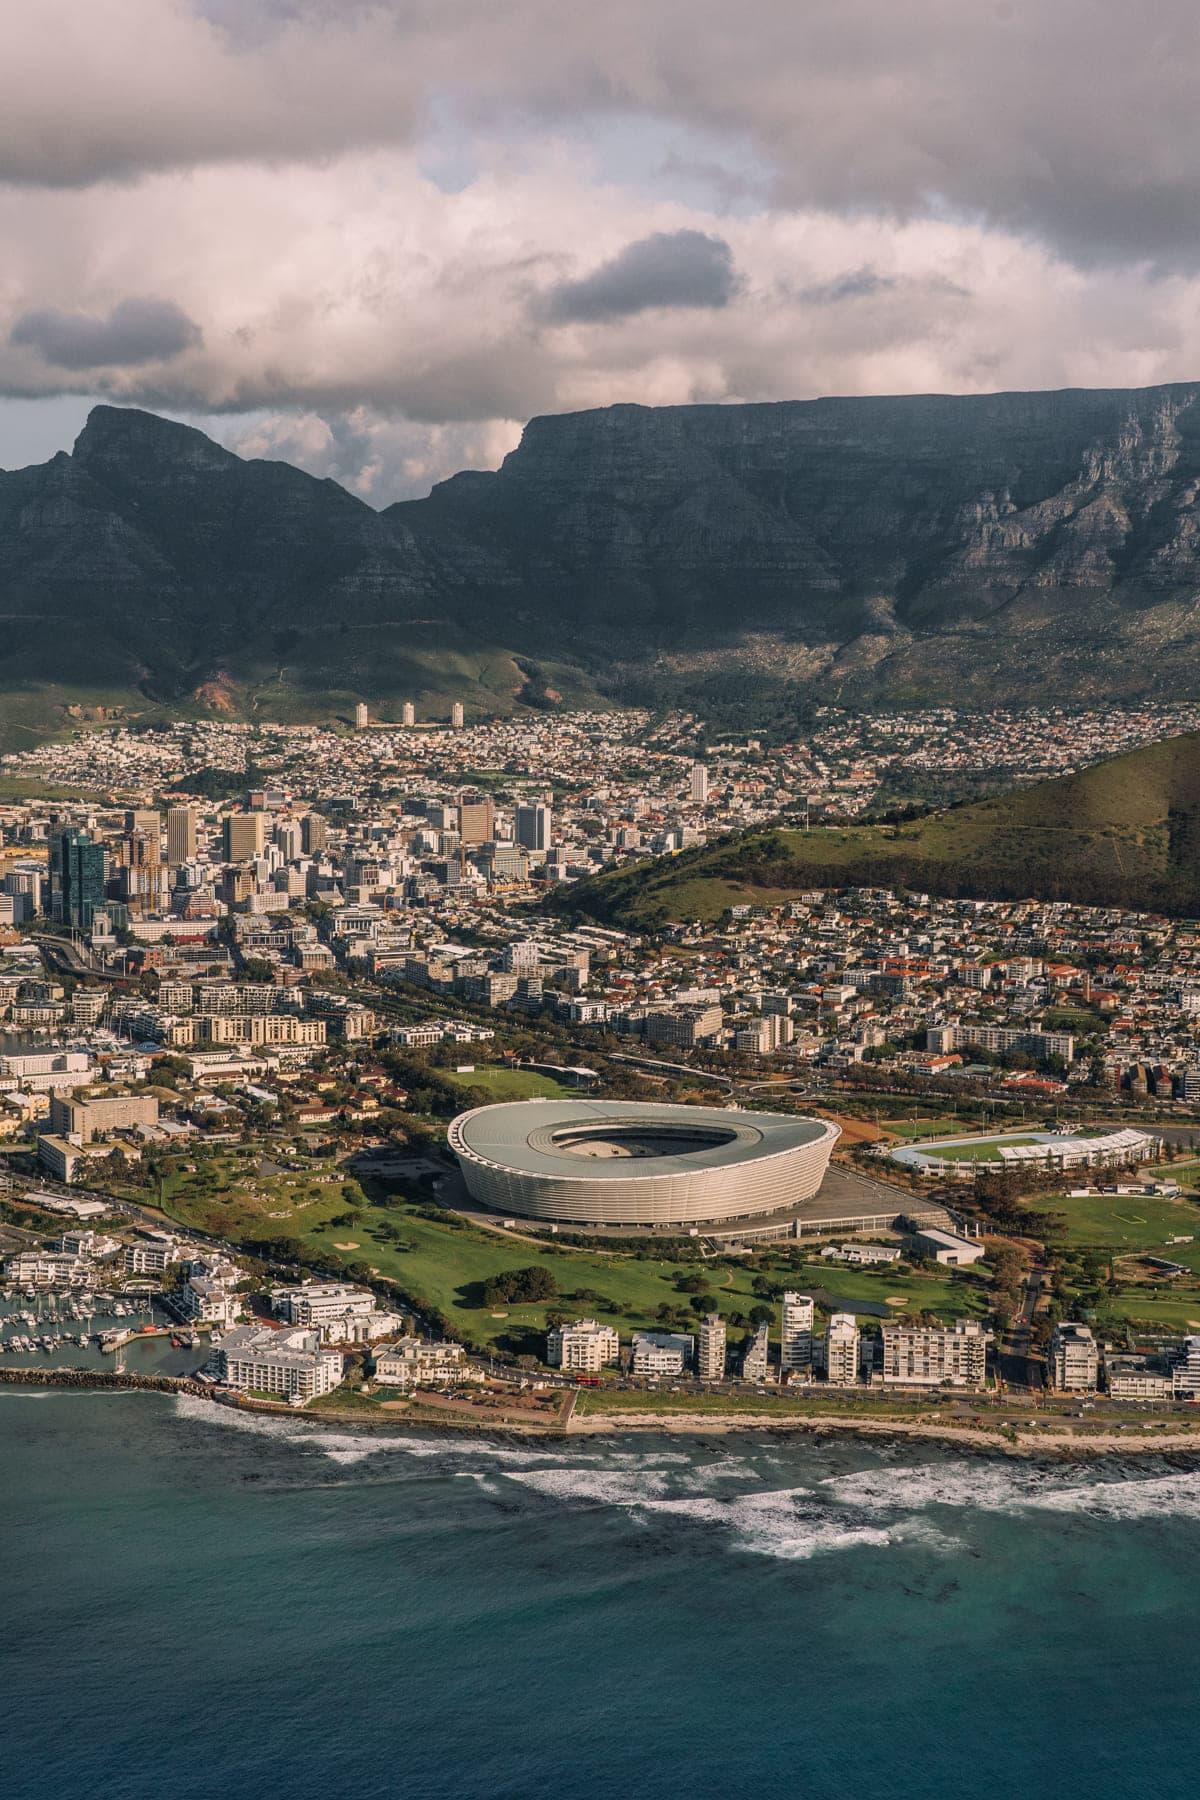 Helikopterflug über Kapstadt